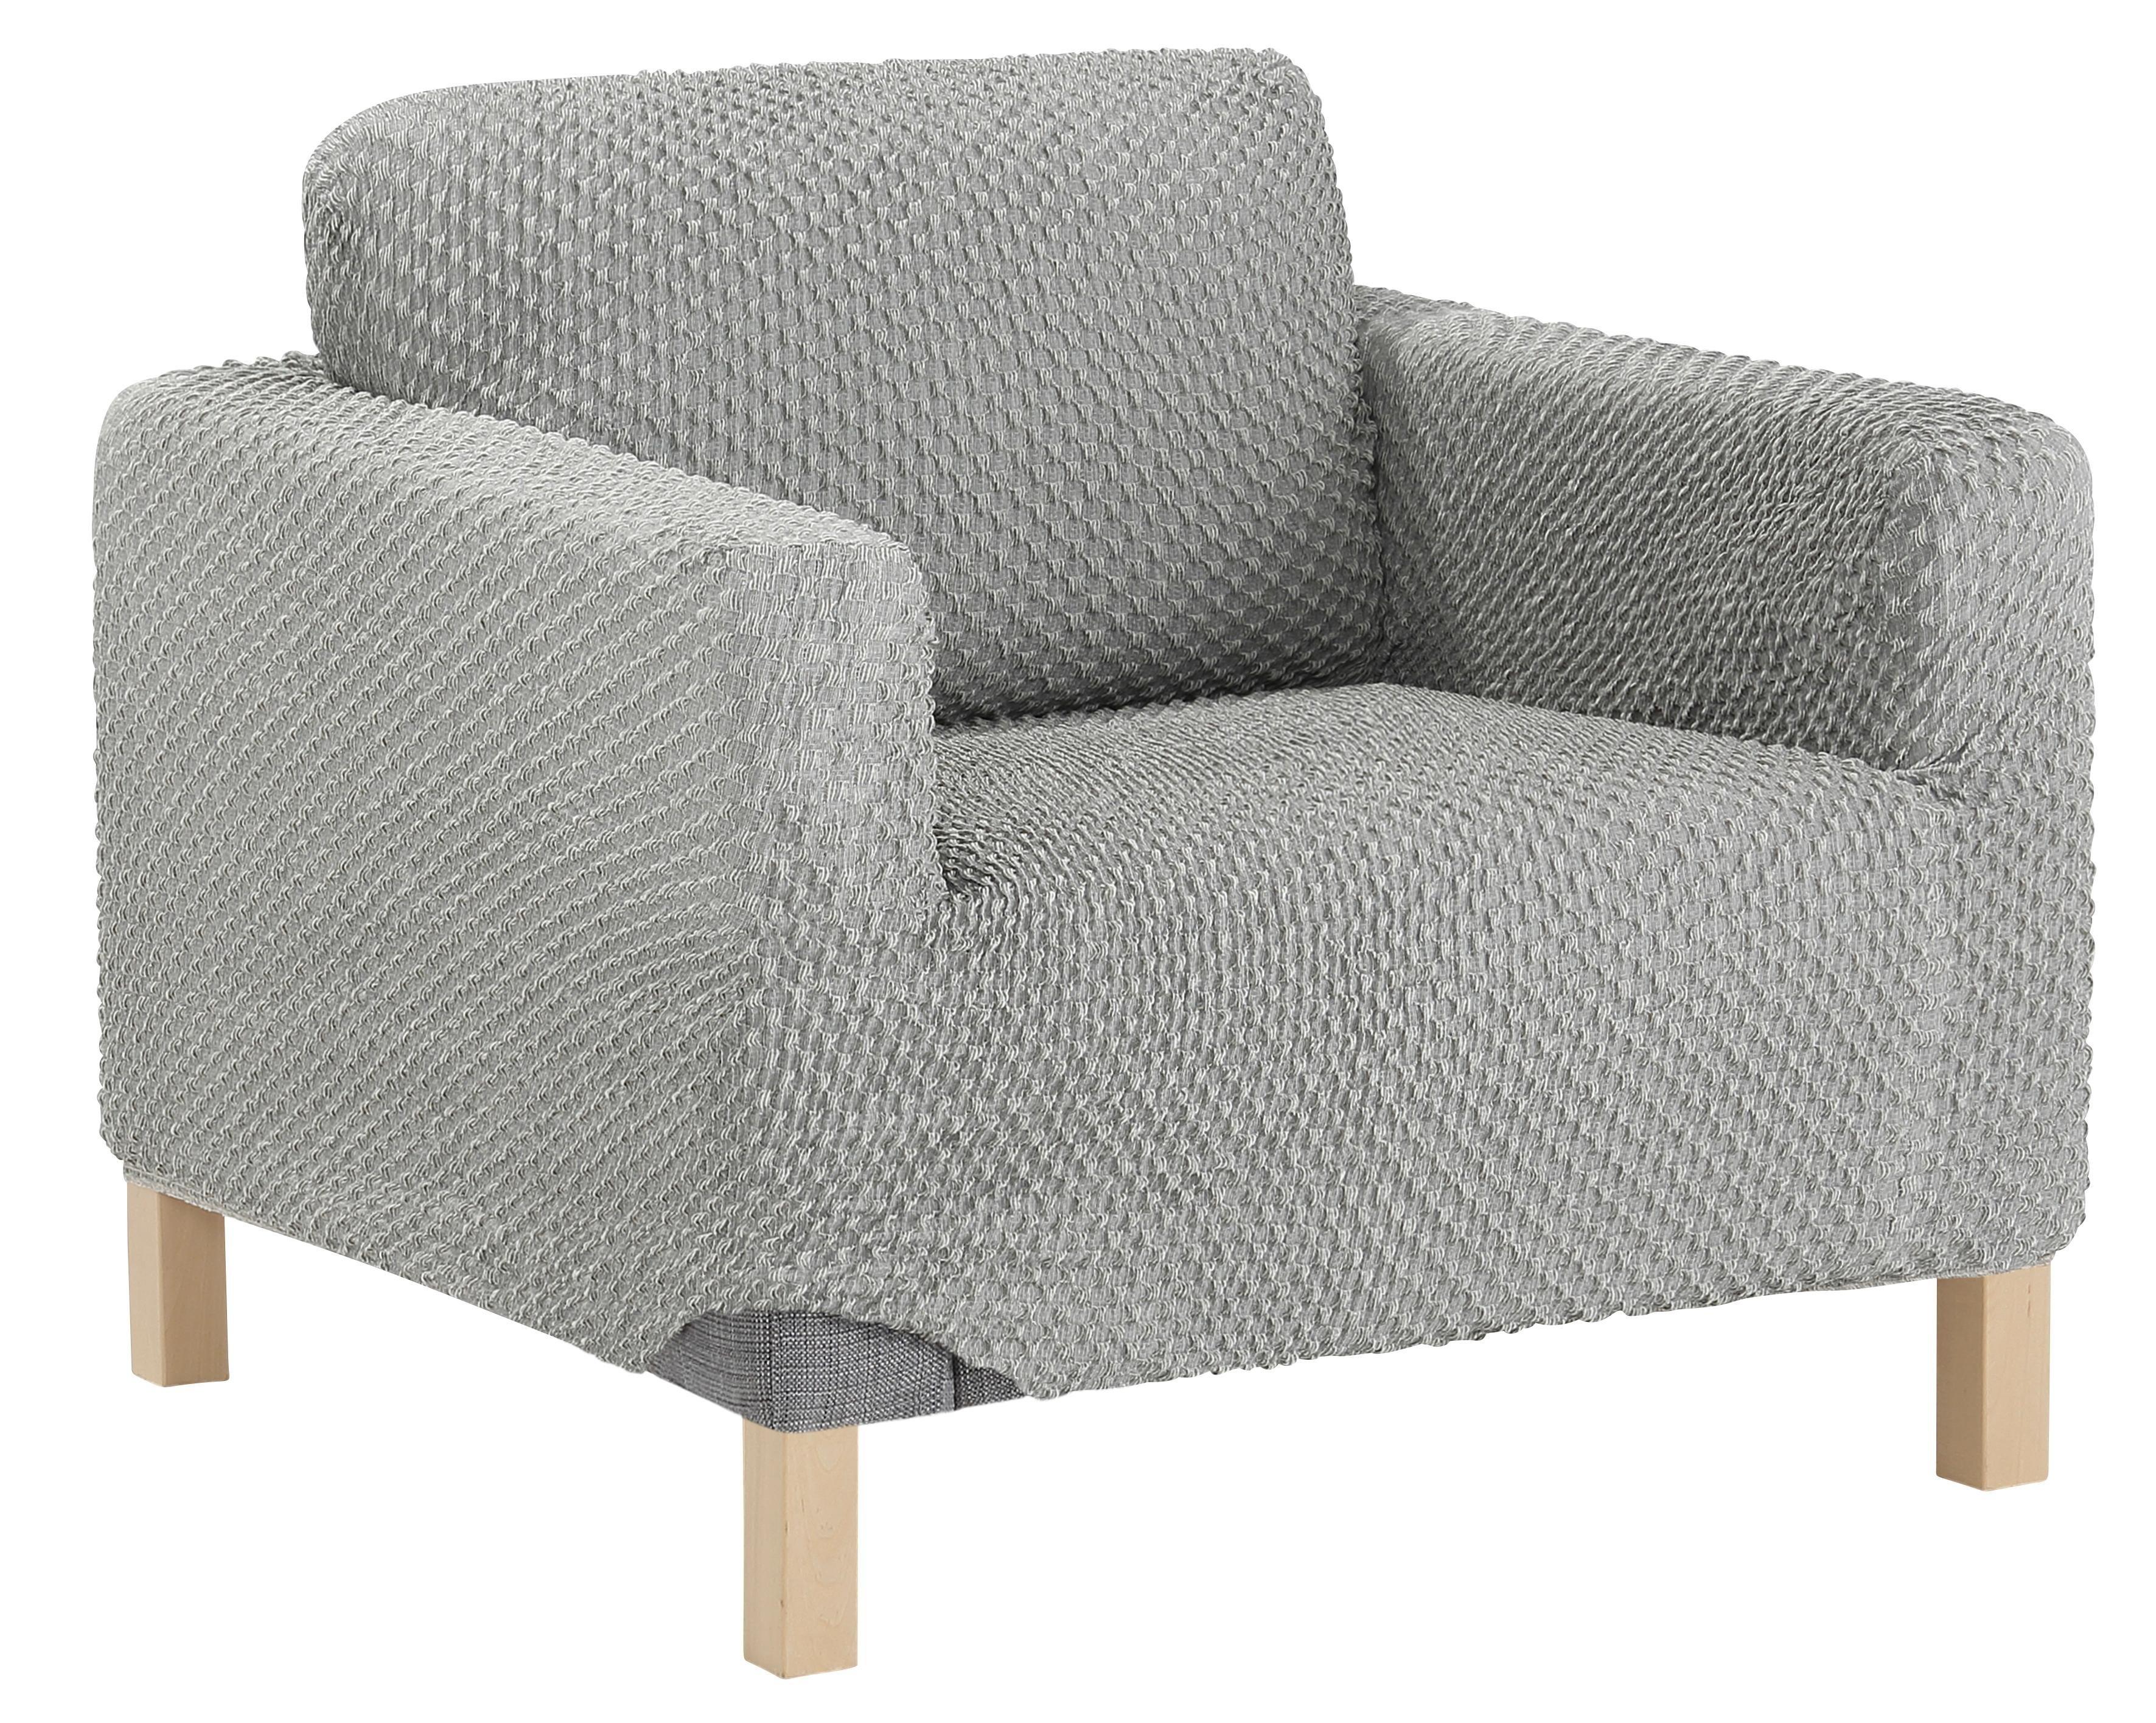 GAICO fauteuilhoes Eleganza met een innovatieve 3d-structuur (1 stuk) bestellen: 30 dagen bedenktijd